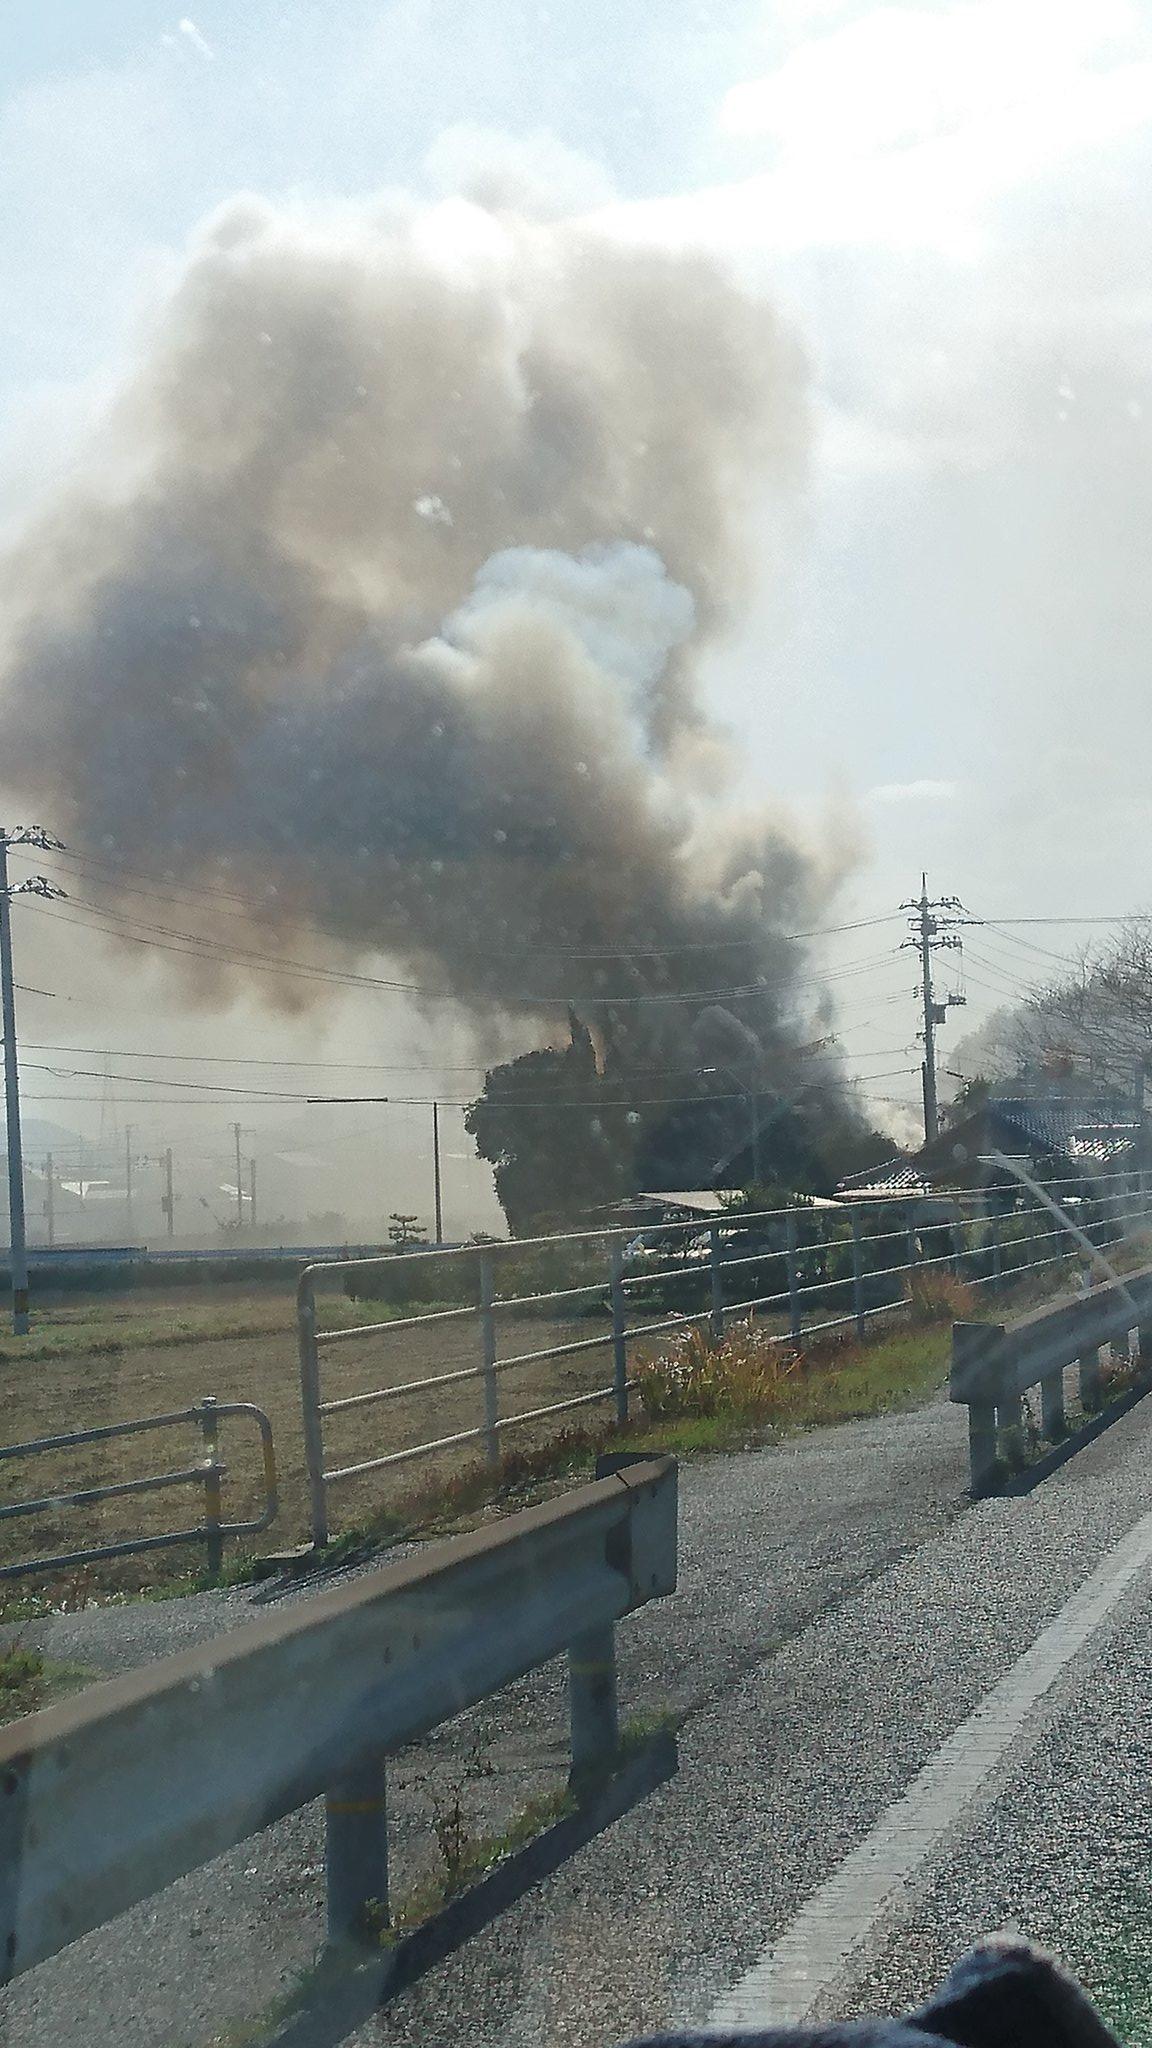 下関市王司上町で火事が起きている現場の画像